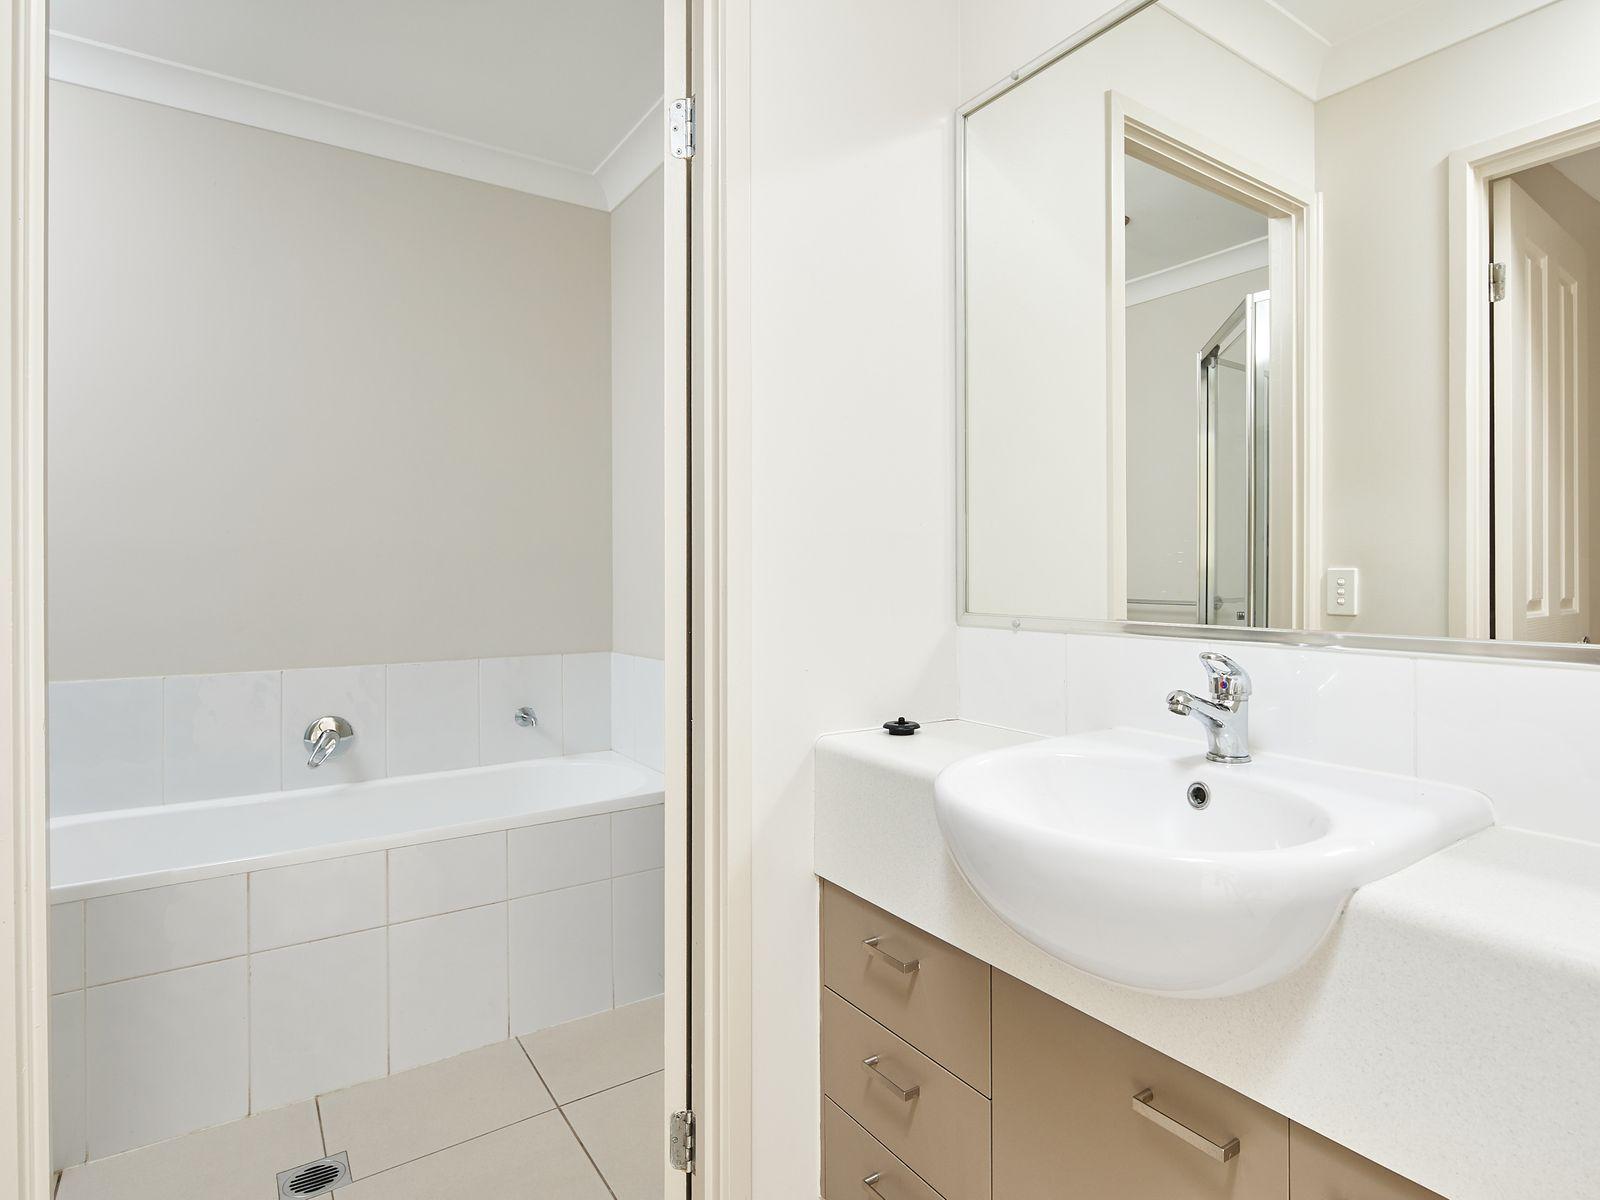 21 Ritz Drive, Coomera, QLD 4209